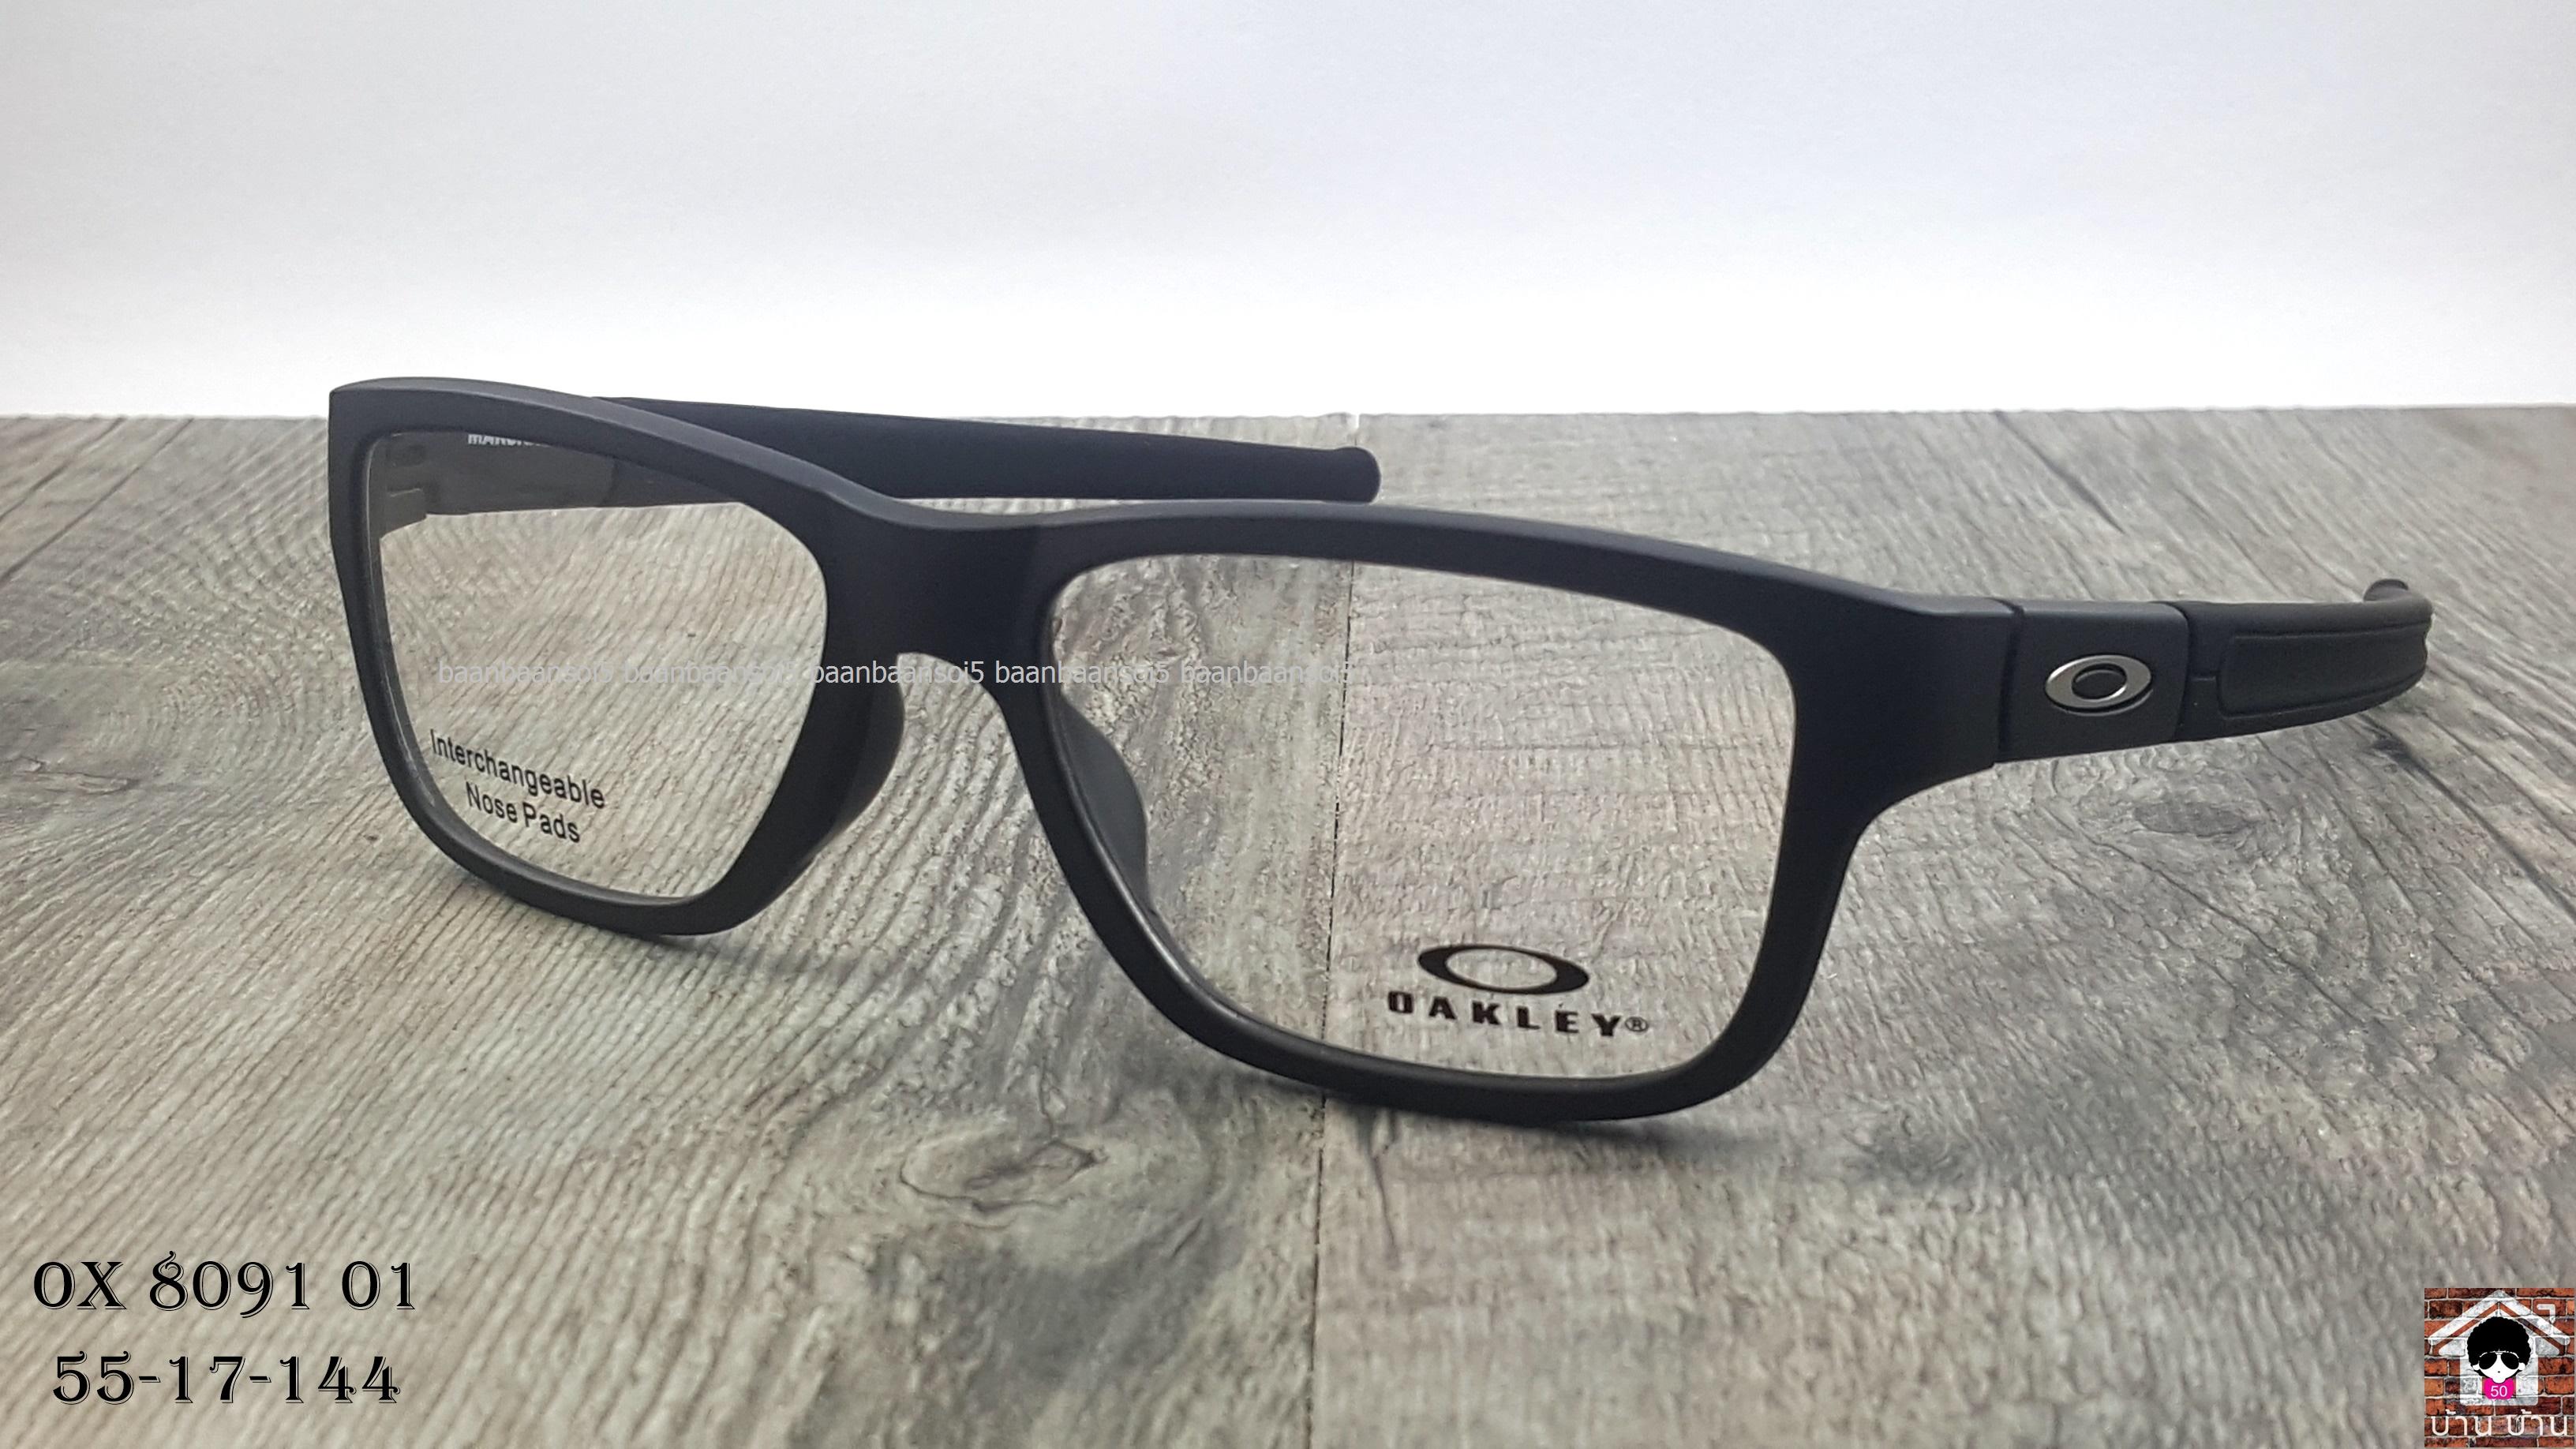 OAKLEY OX8091-01 MARSHAL MNP โปรโมชั่น กรอบแว่นตาพร้อมเลนส์ HOYA ราคา 4,800 บาท